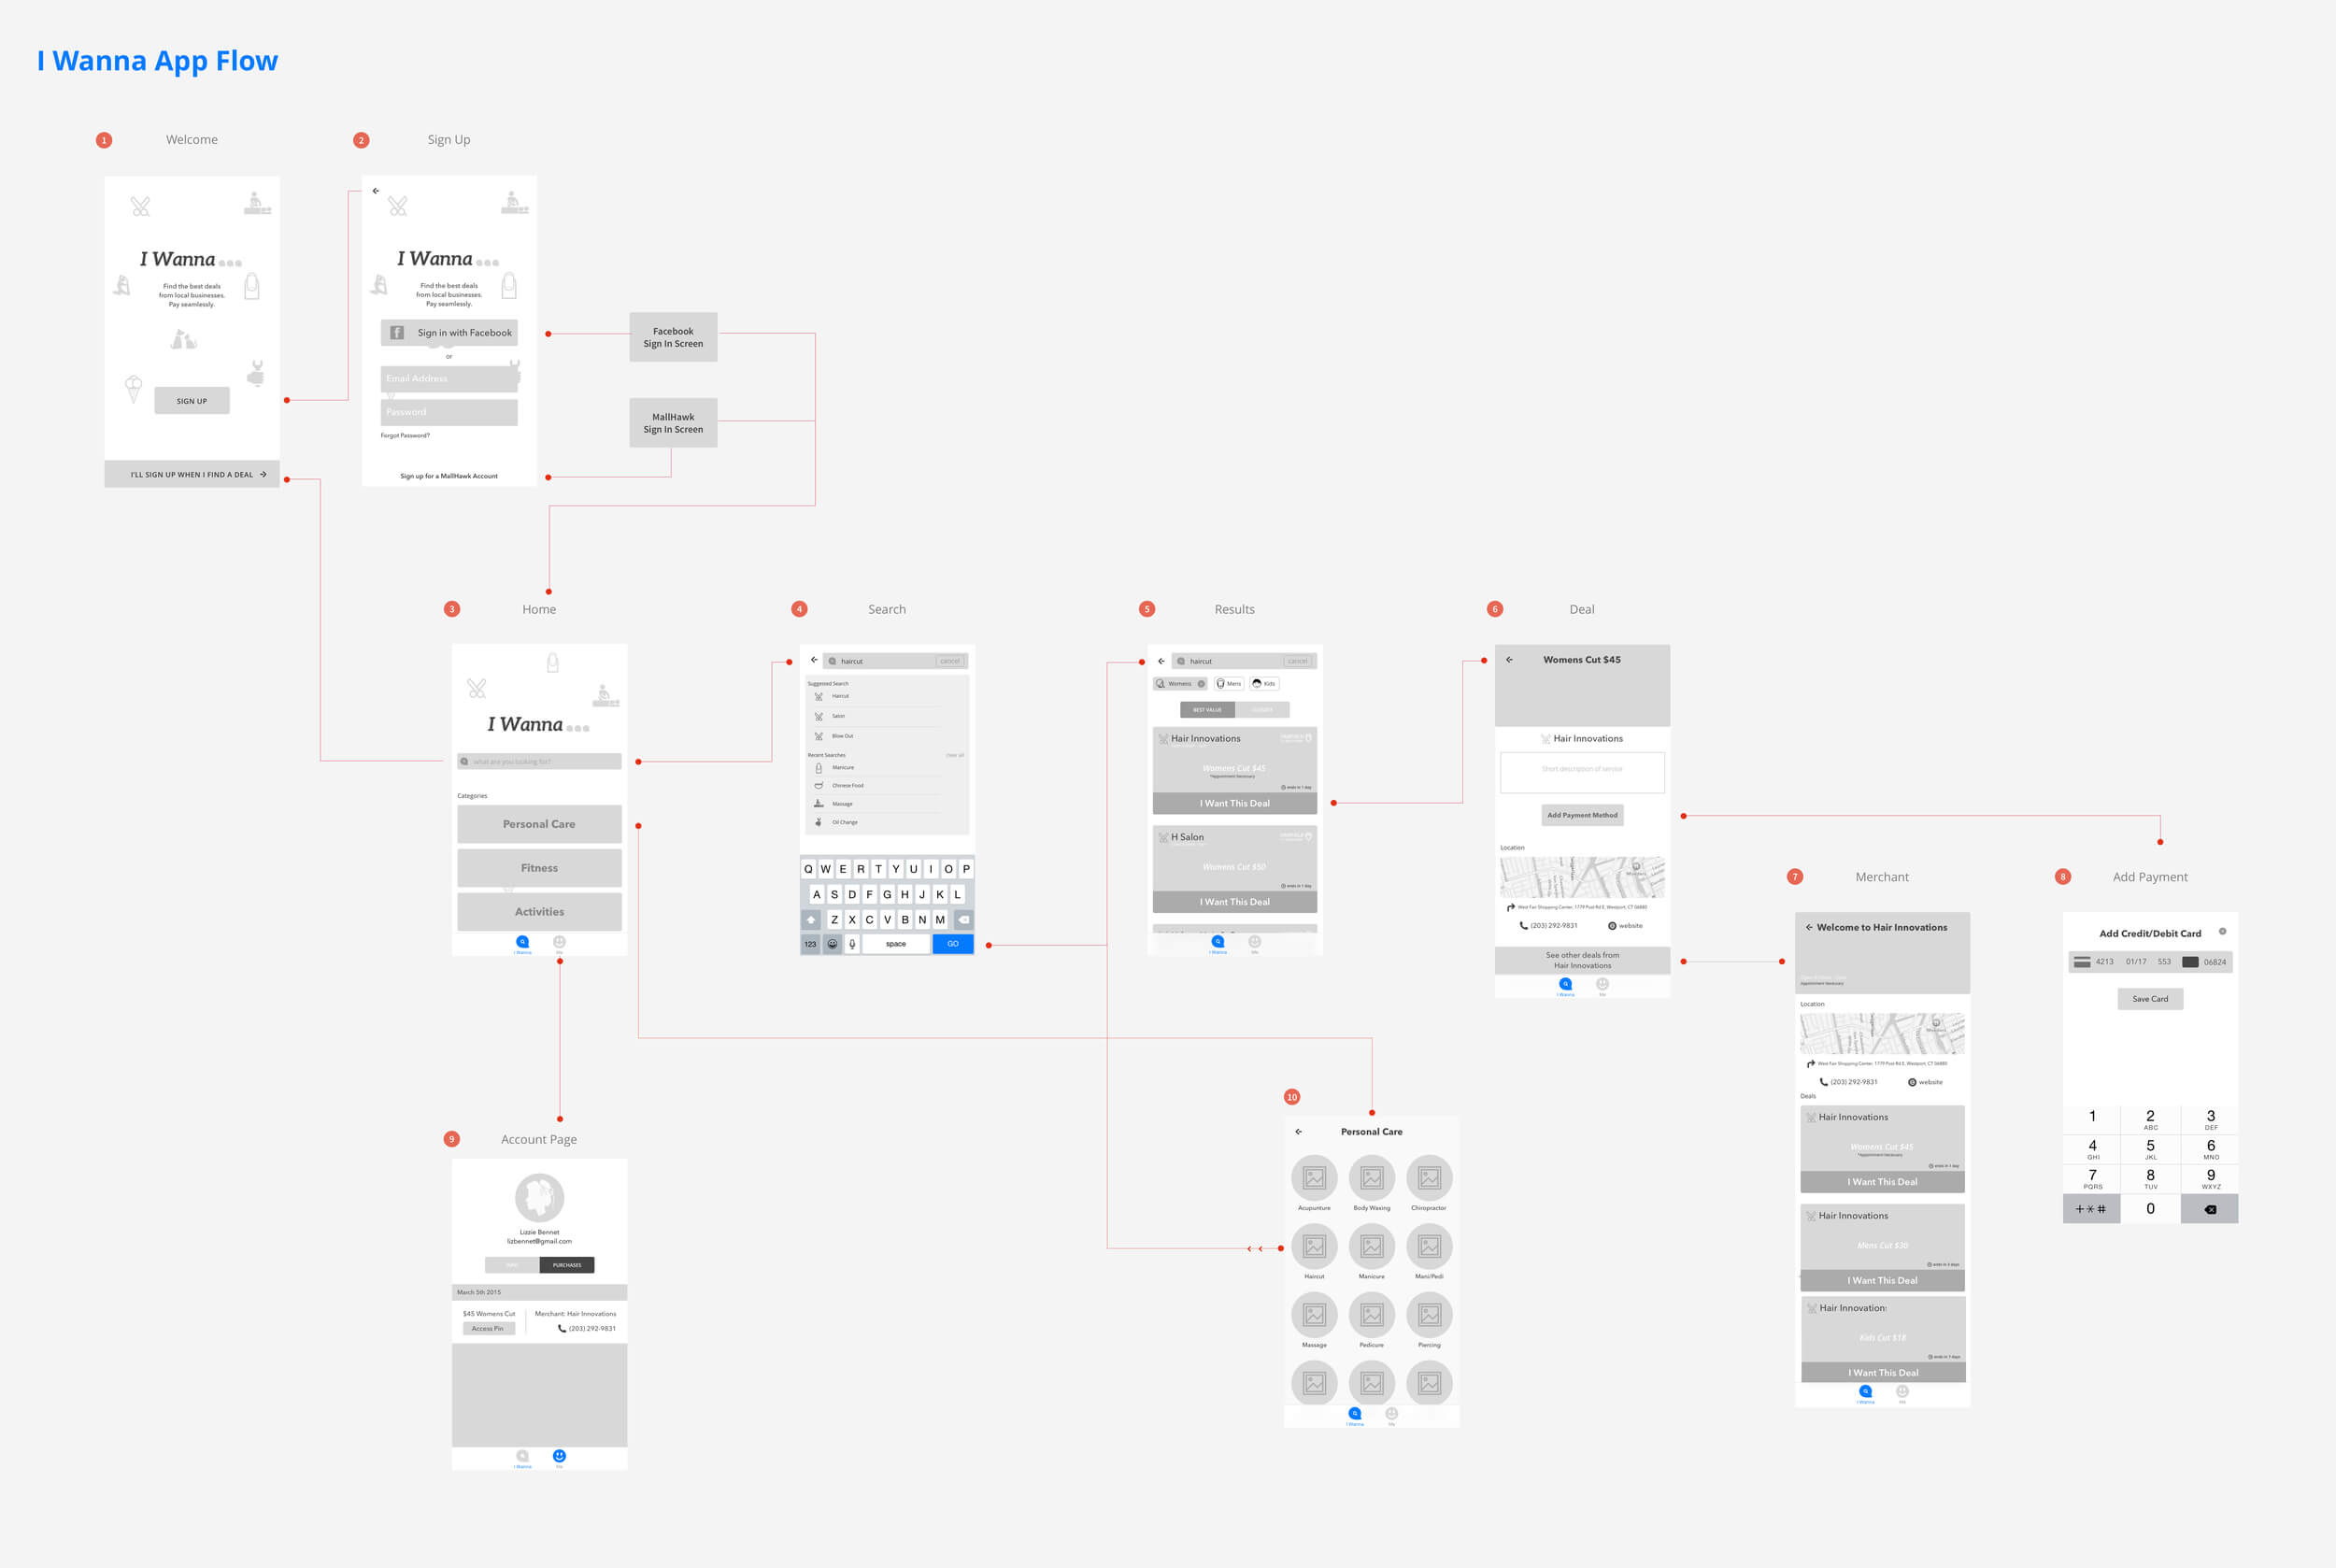 Finalized app flow